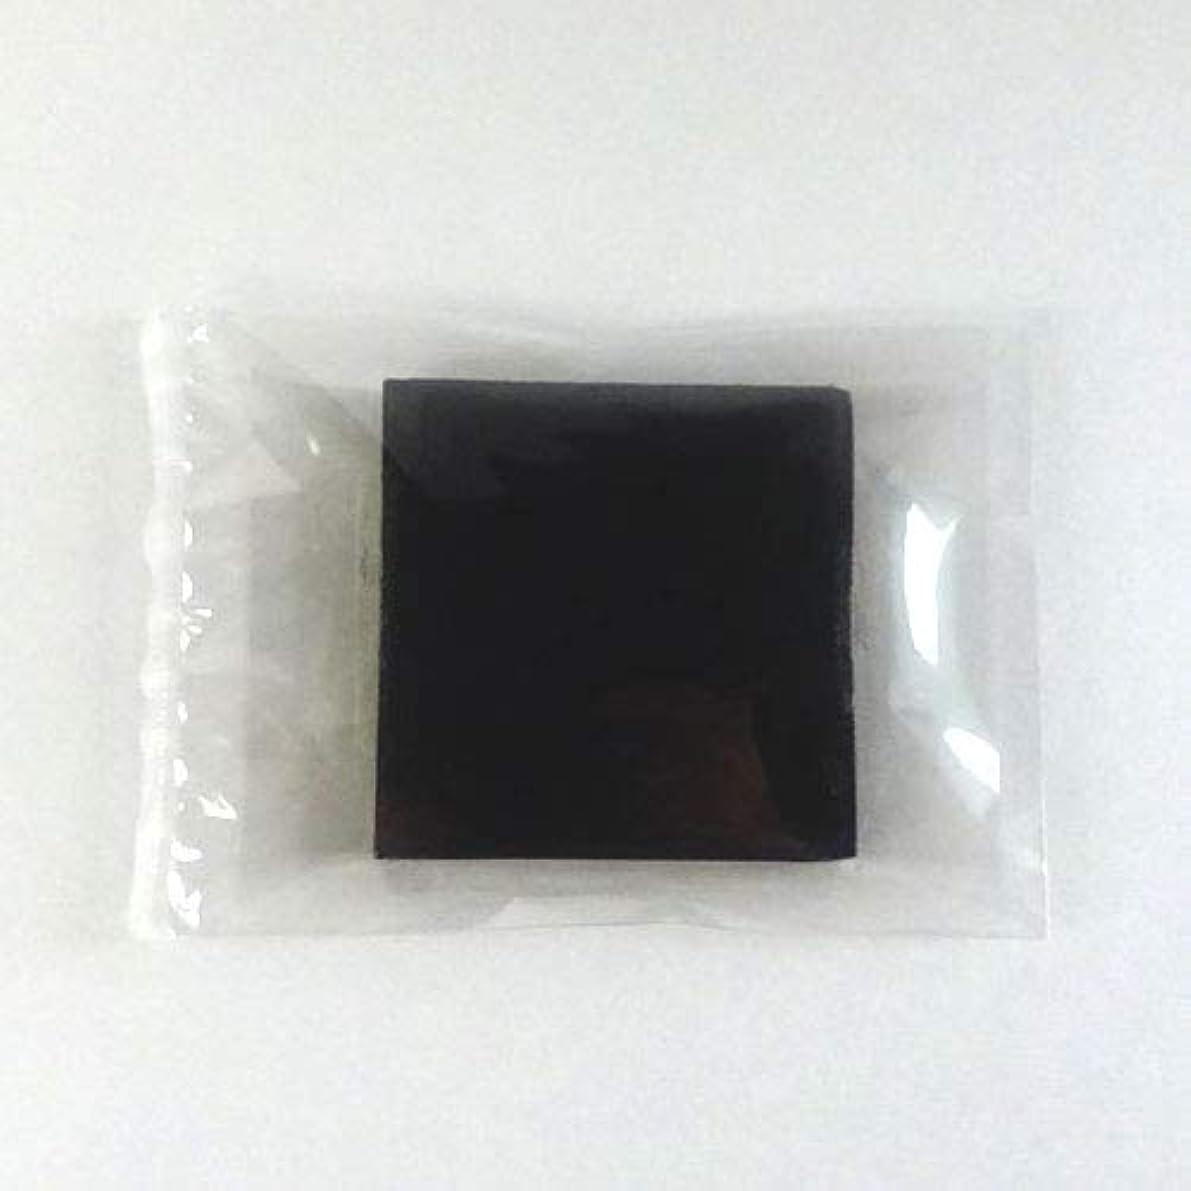 十分ではないブラウン担保グリセリンソープ MPソープ 色チップ 黒(ブラック) 30g